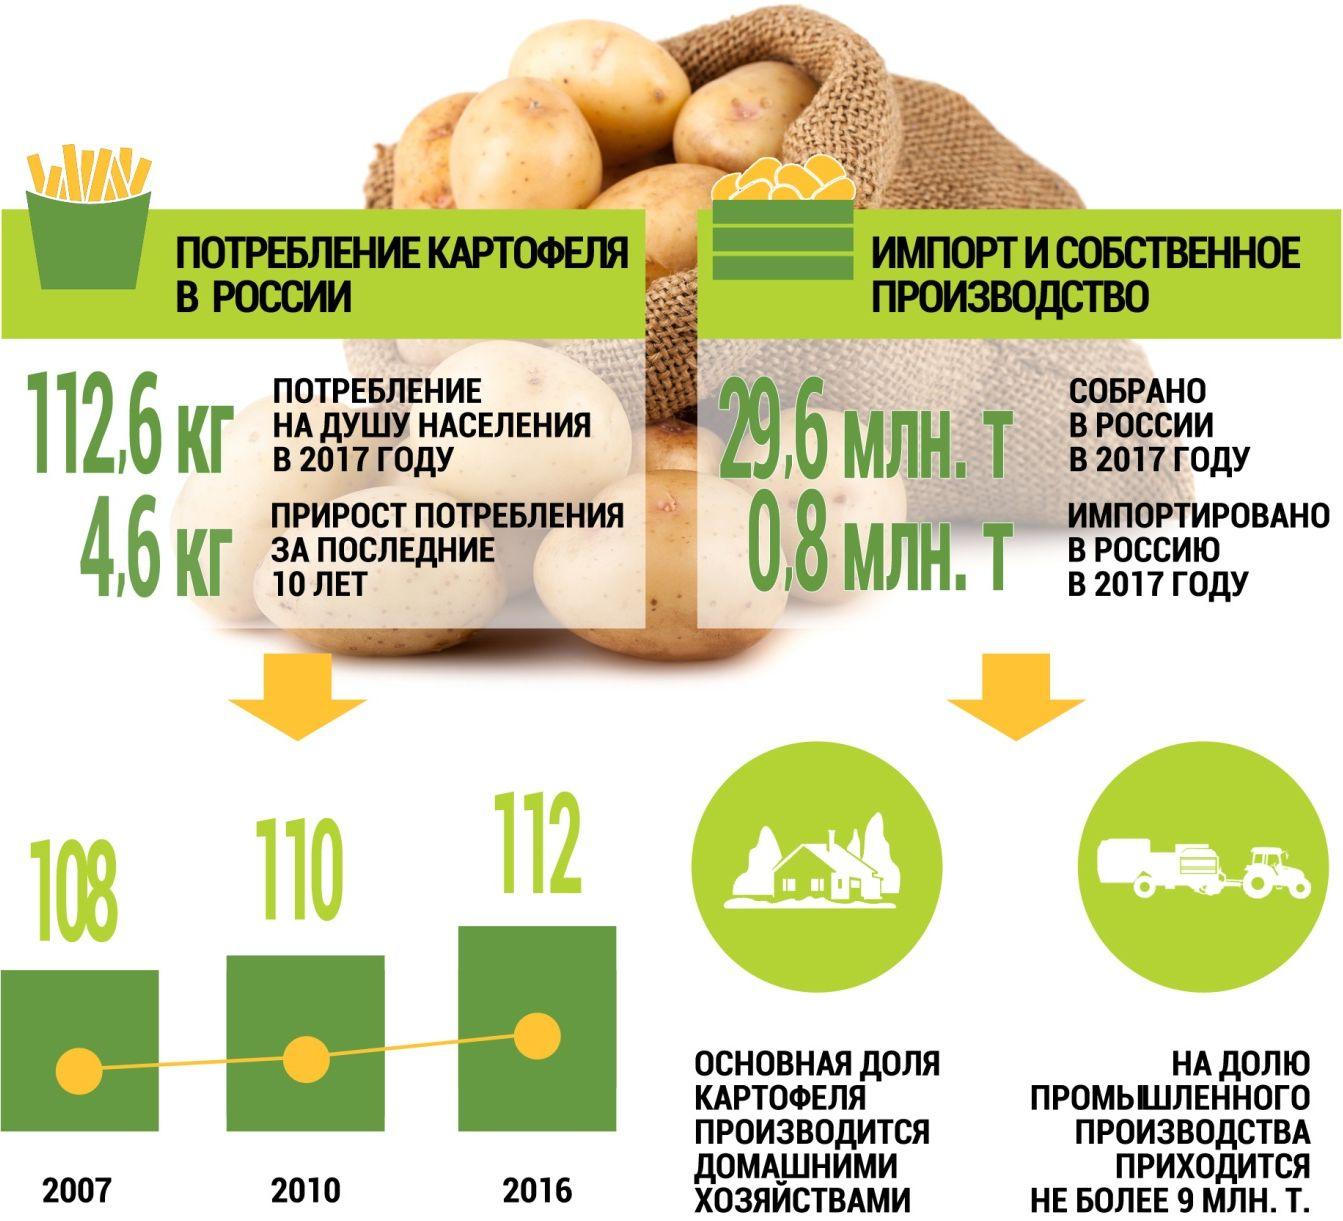 Таблица потребления и импорта картофеля в России